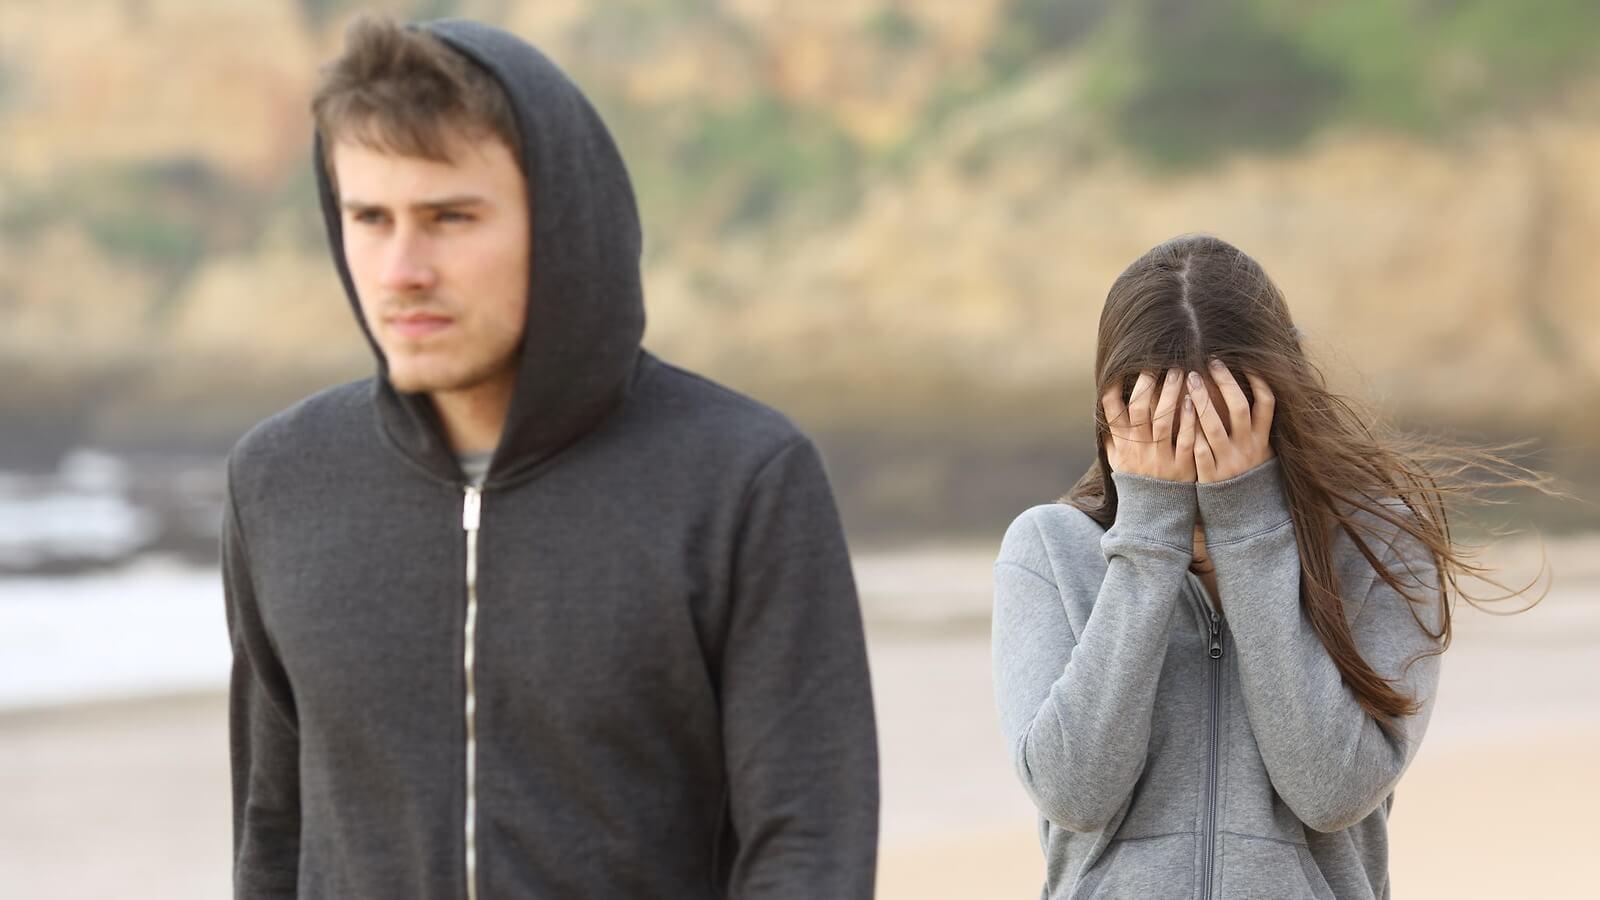 Чем объяснить эмоциональную привязанность к определенному типу мужчин?